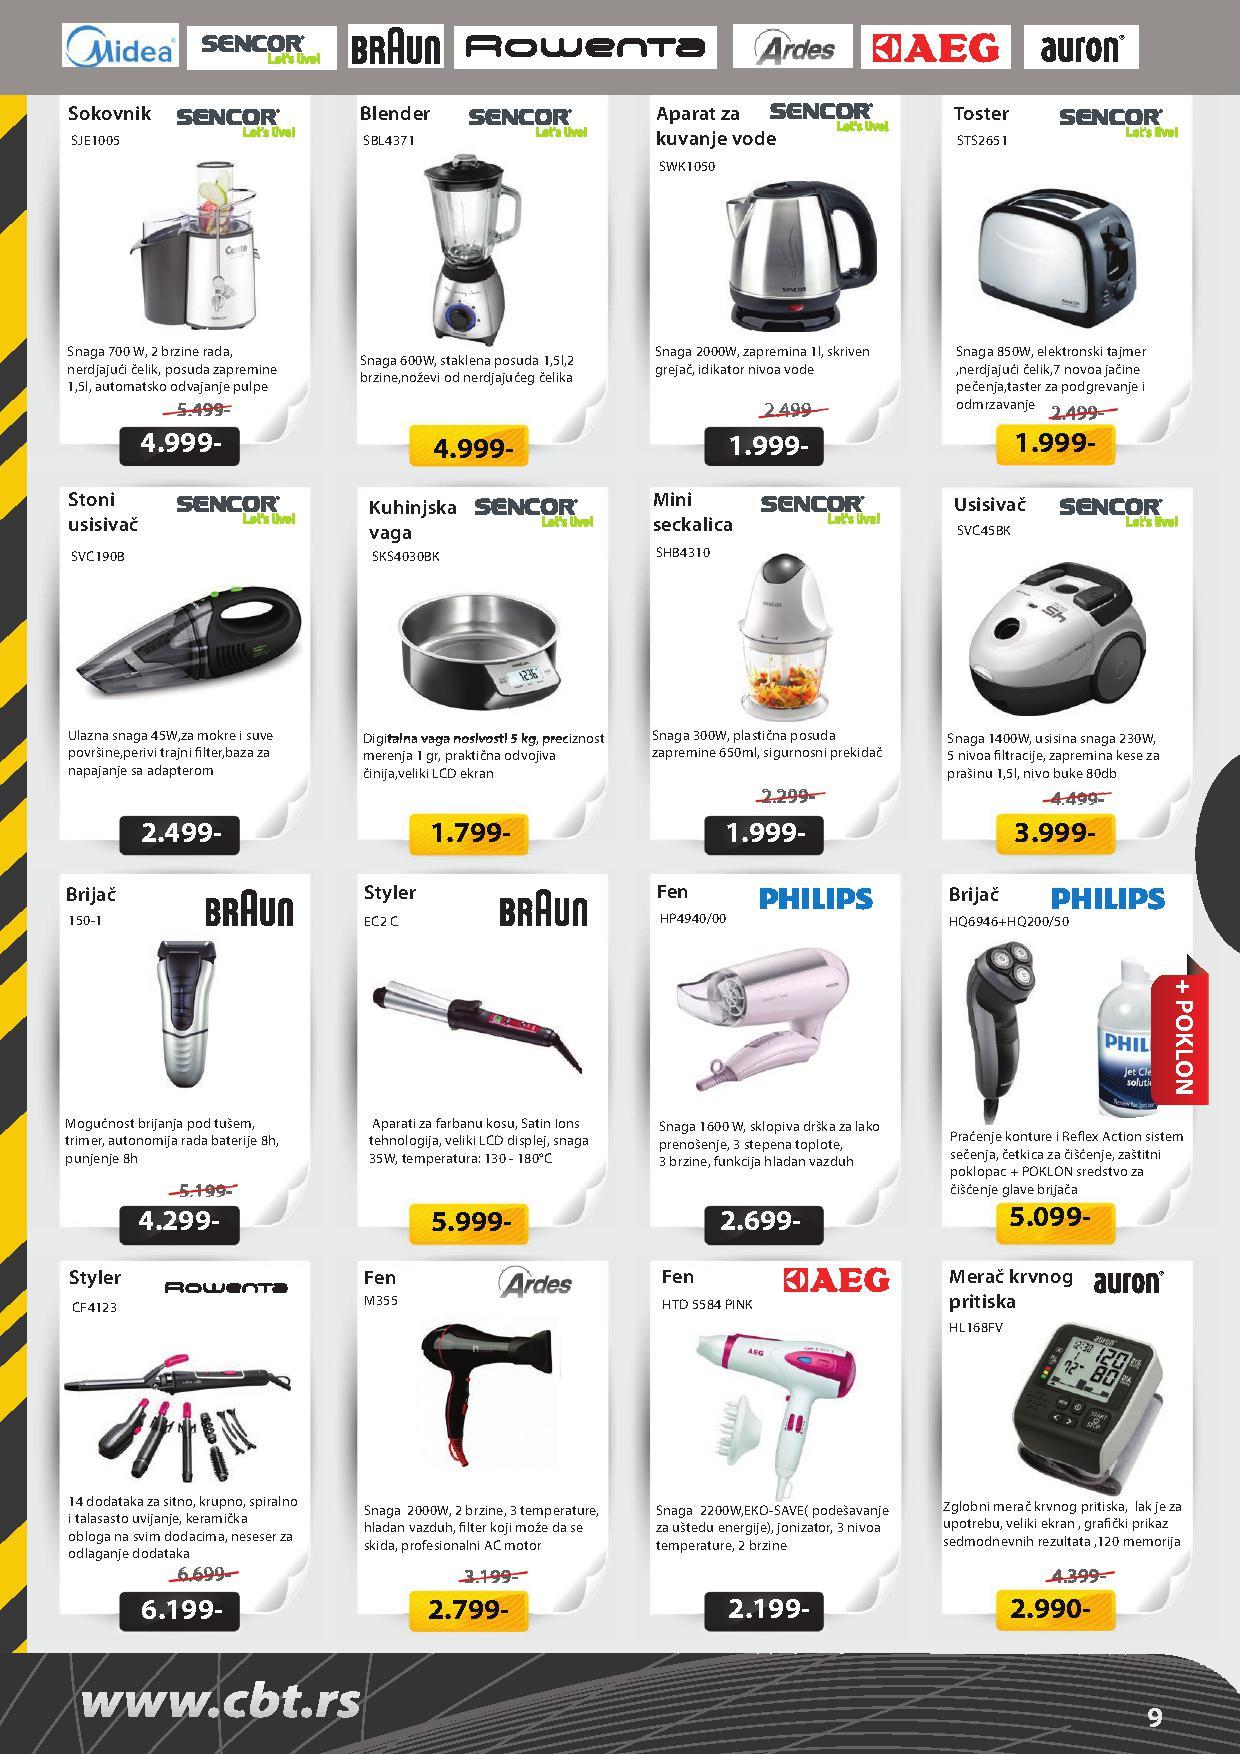 CBT katalog super ponude